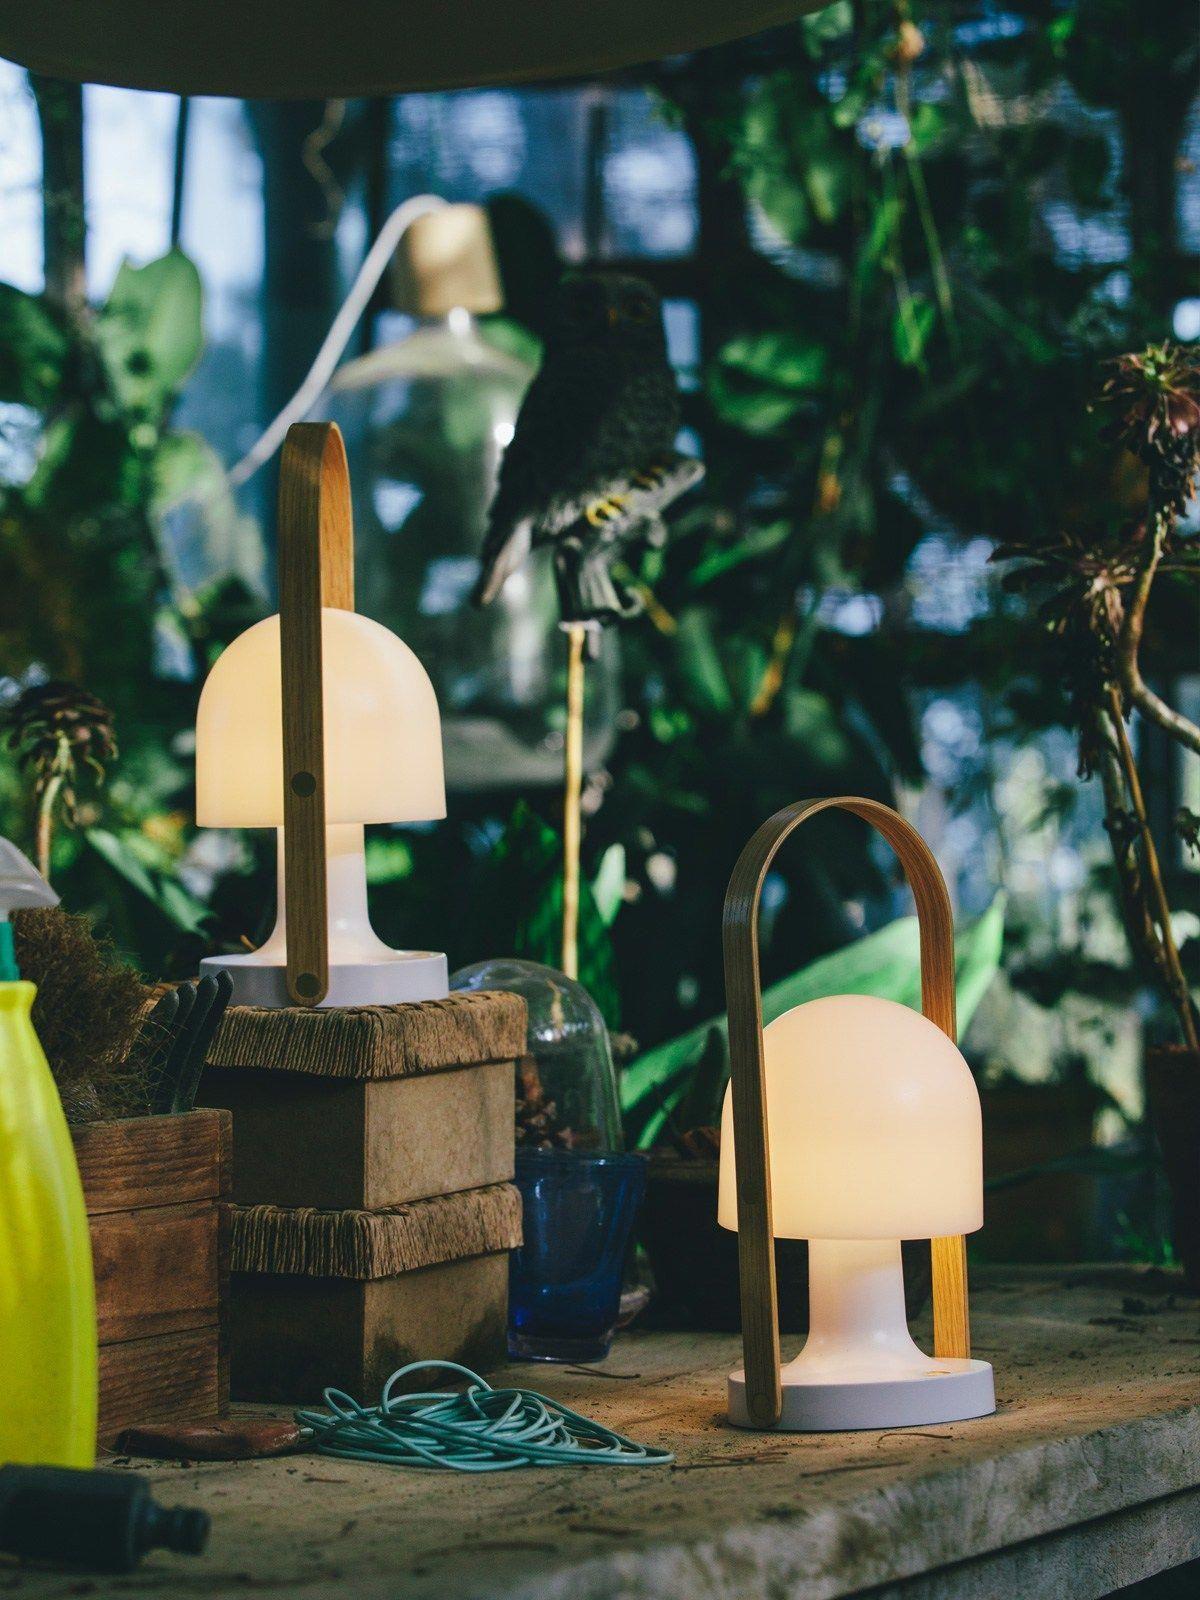 Followme Im Garten Aufladbare Tragbare Led Leuchte Lamp Lampe Spanisch Design Reddot Ledlamp Portable Lamps Marset Lamp